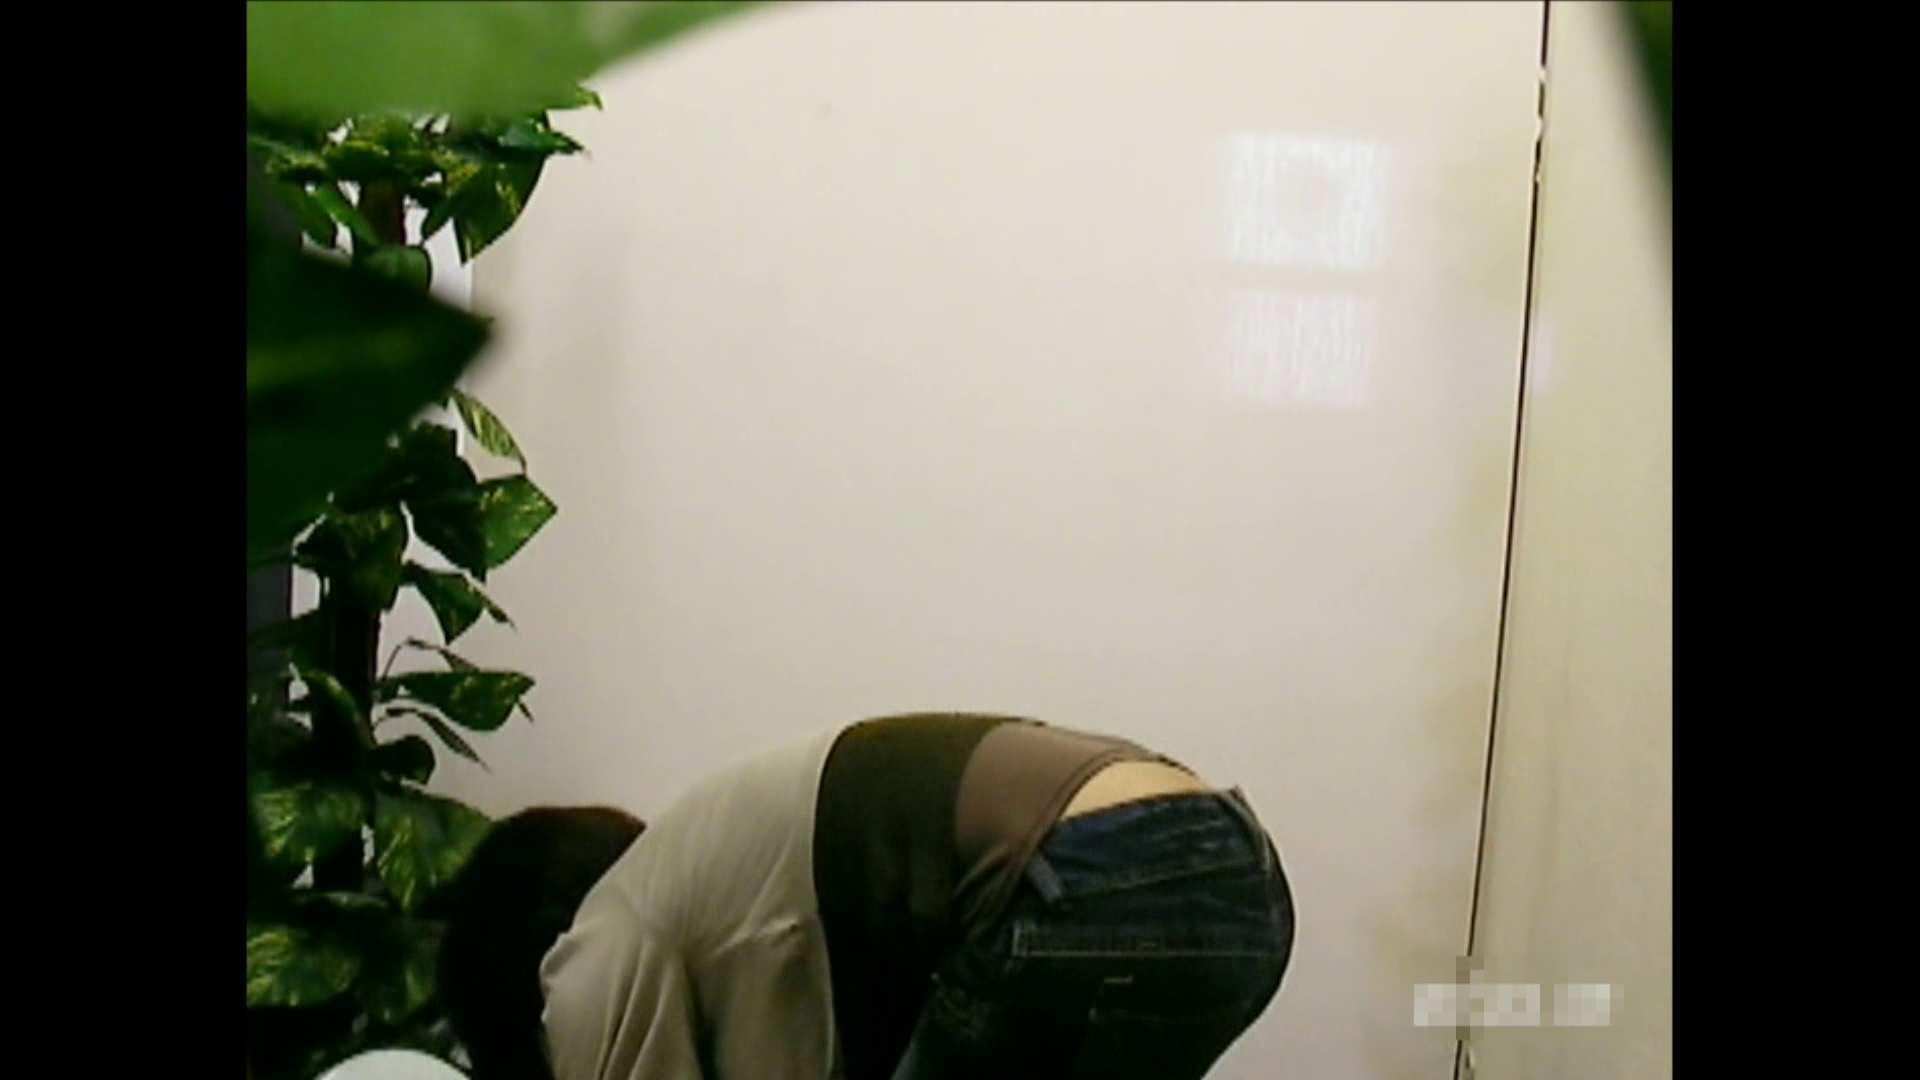 素人撮影 下着だけの撮影のはずが・・・地方から来た女の子 素人 性交動画流出 70pic 70